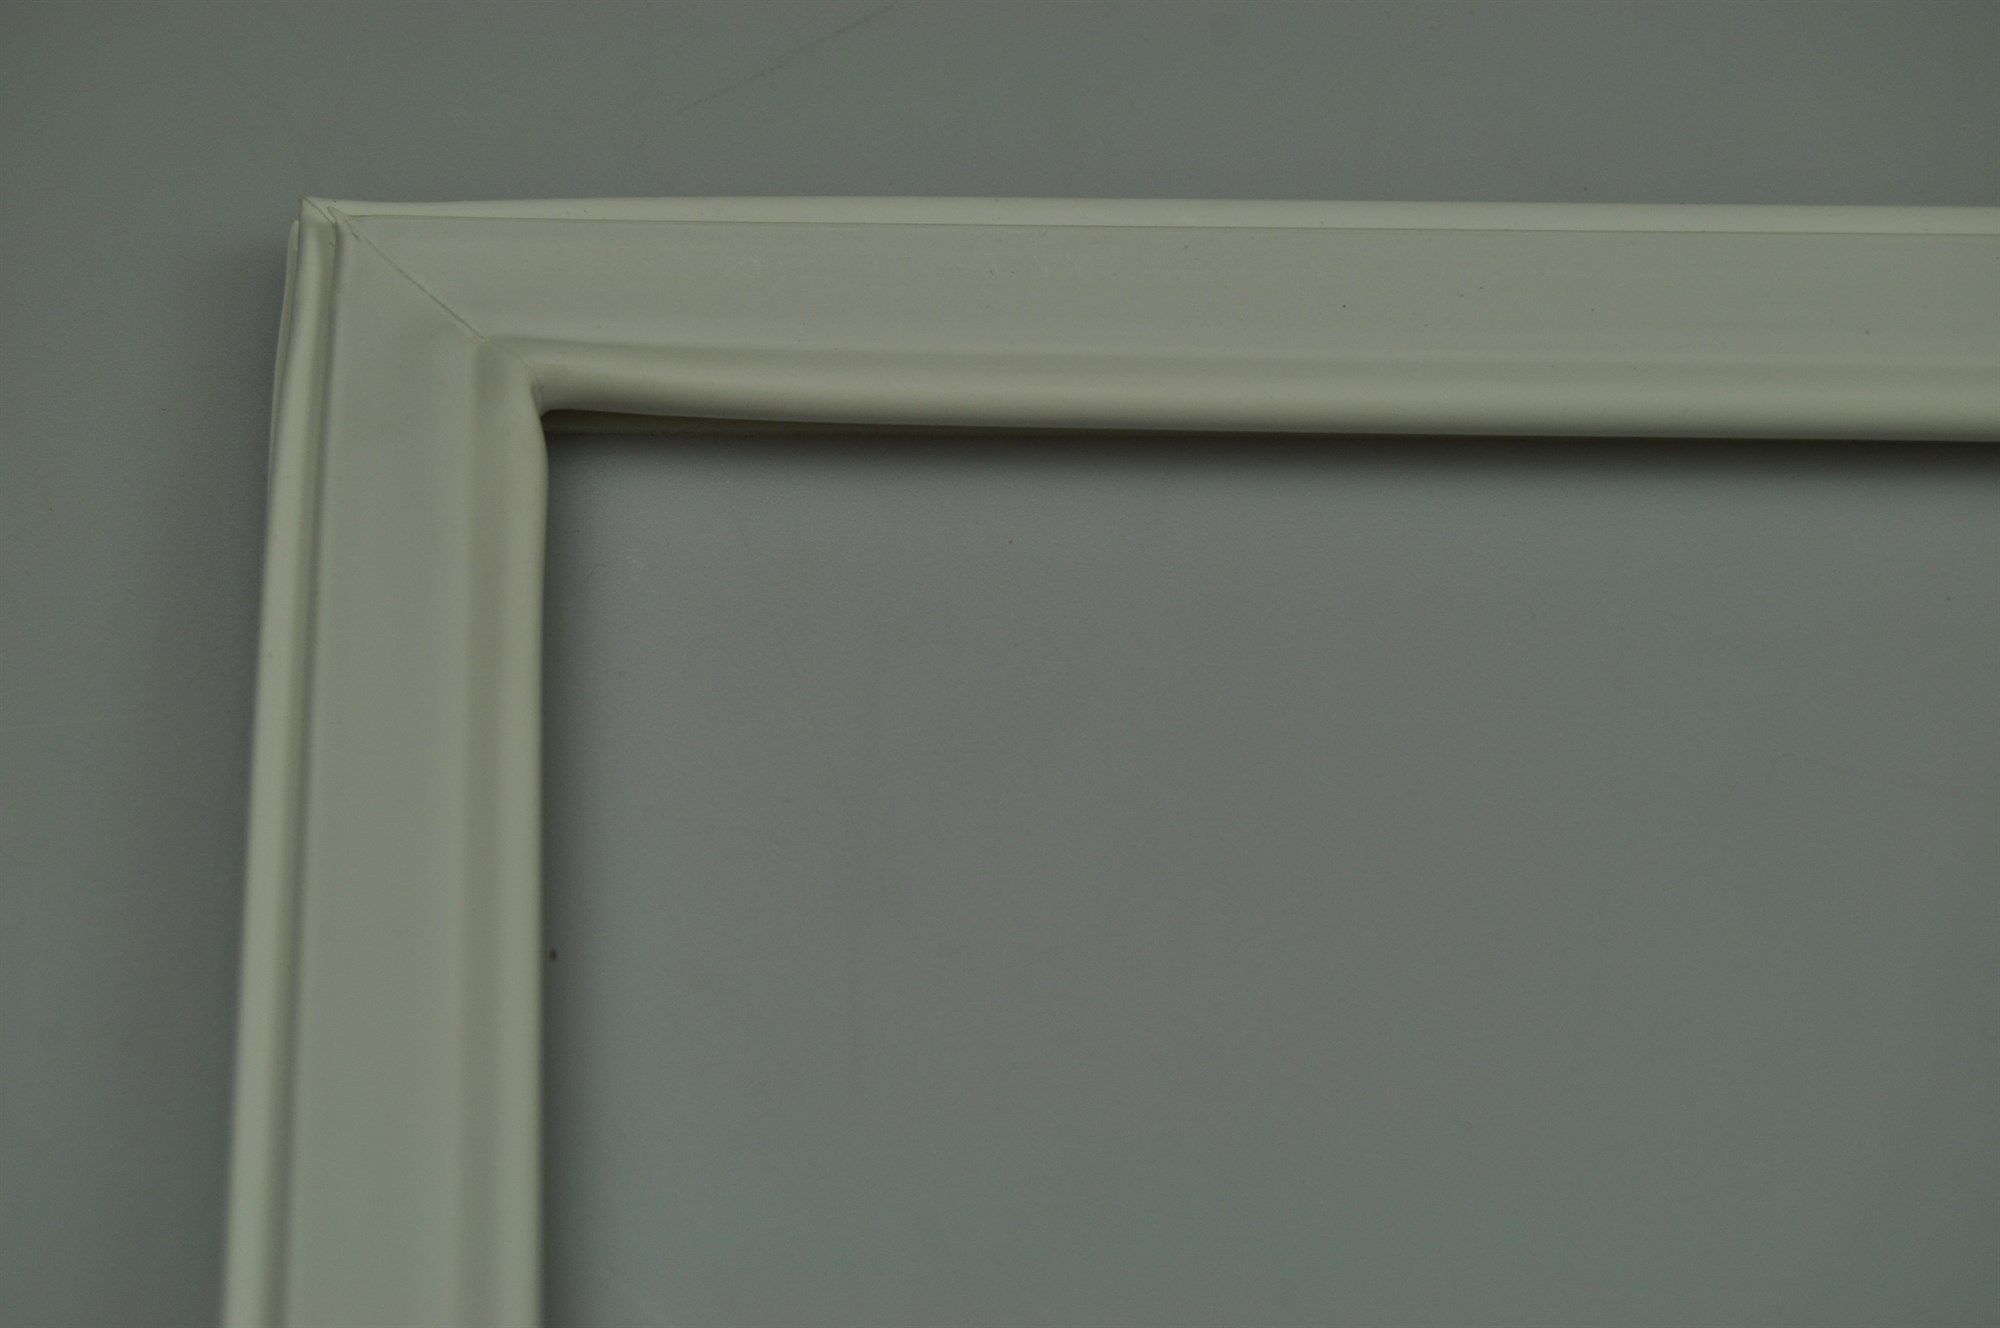 Kühlschrank Dichtung : Kühlschrankdichtung zanker kühl gefrierschrank mm